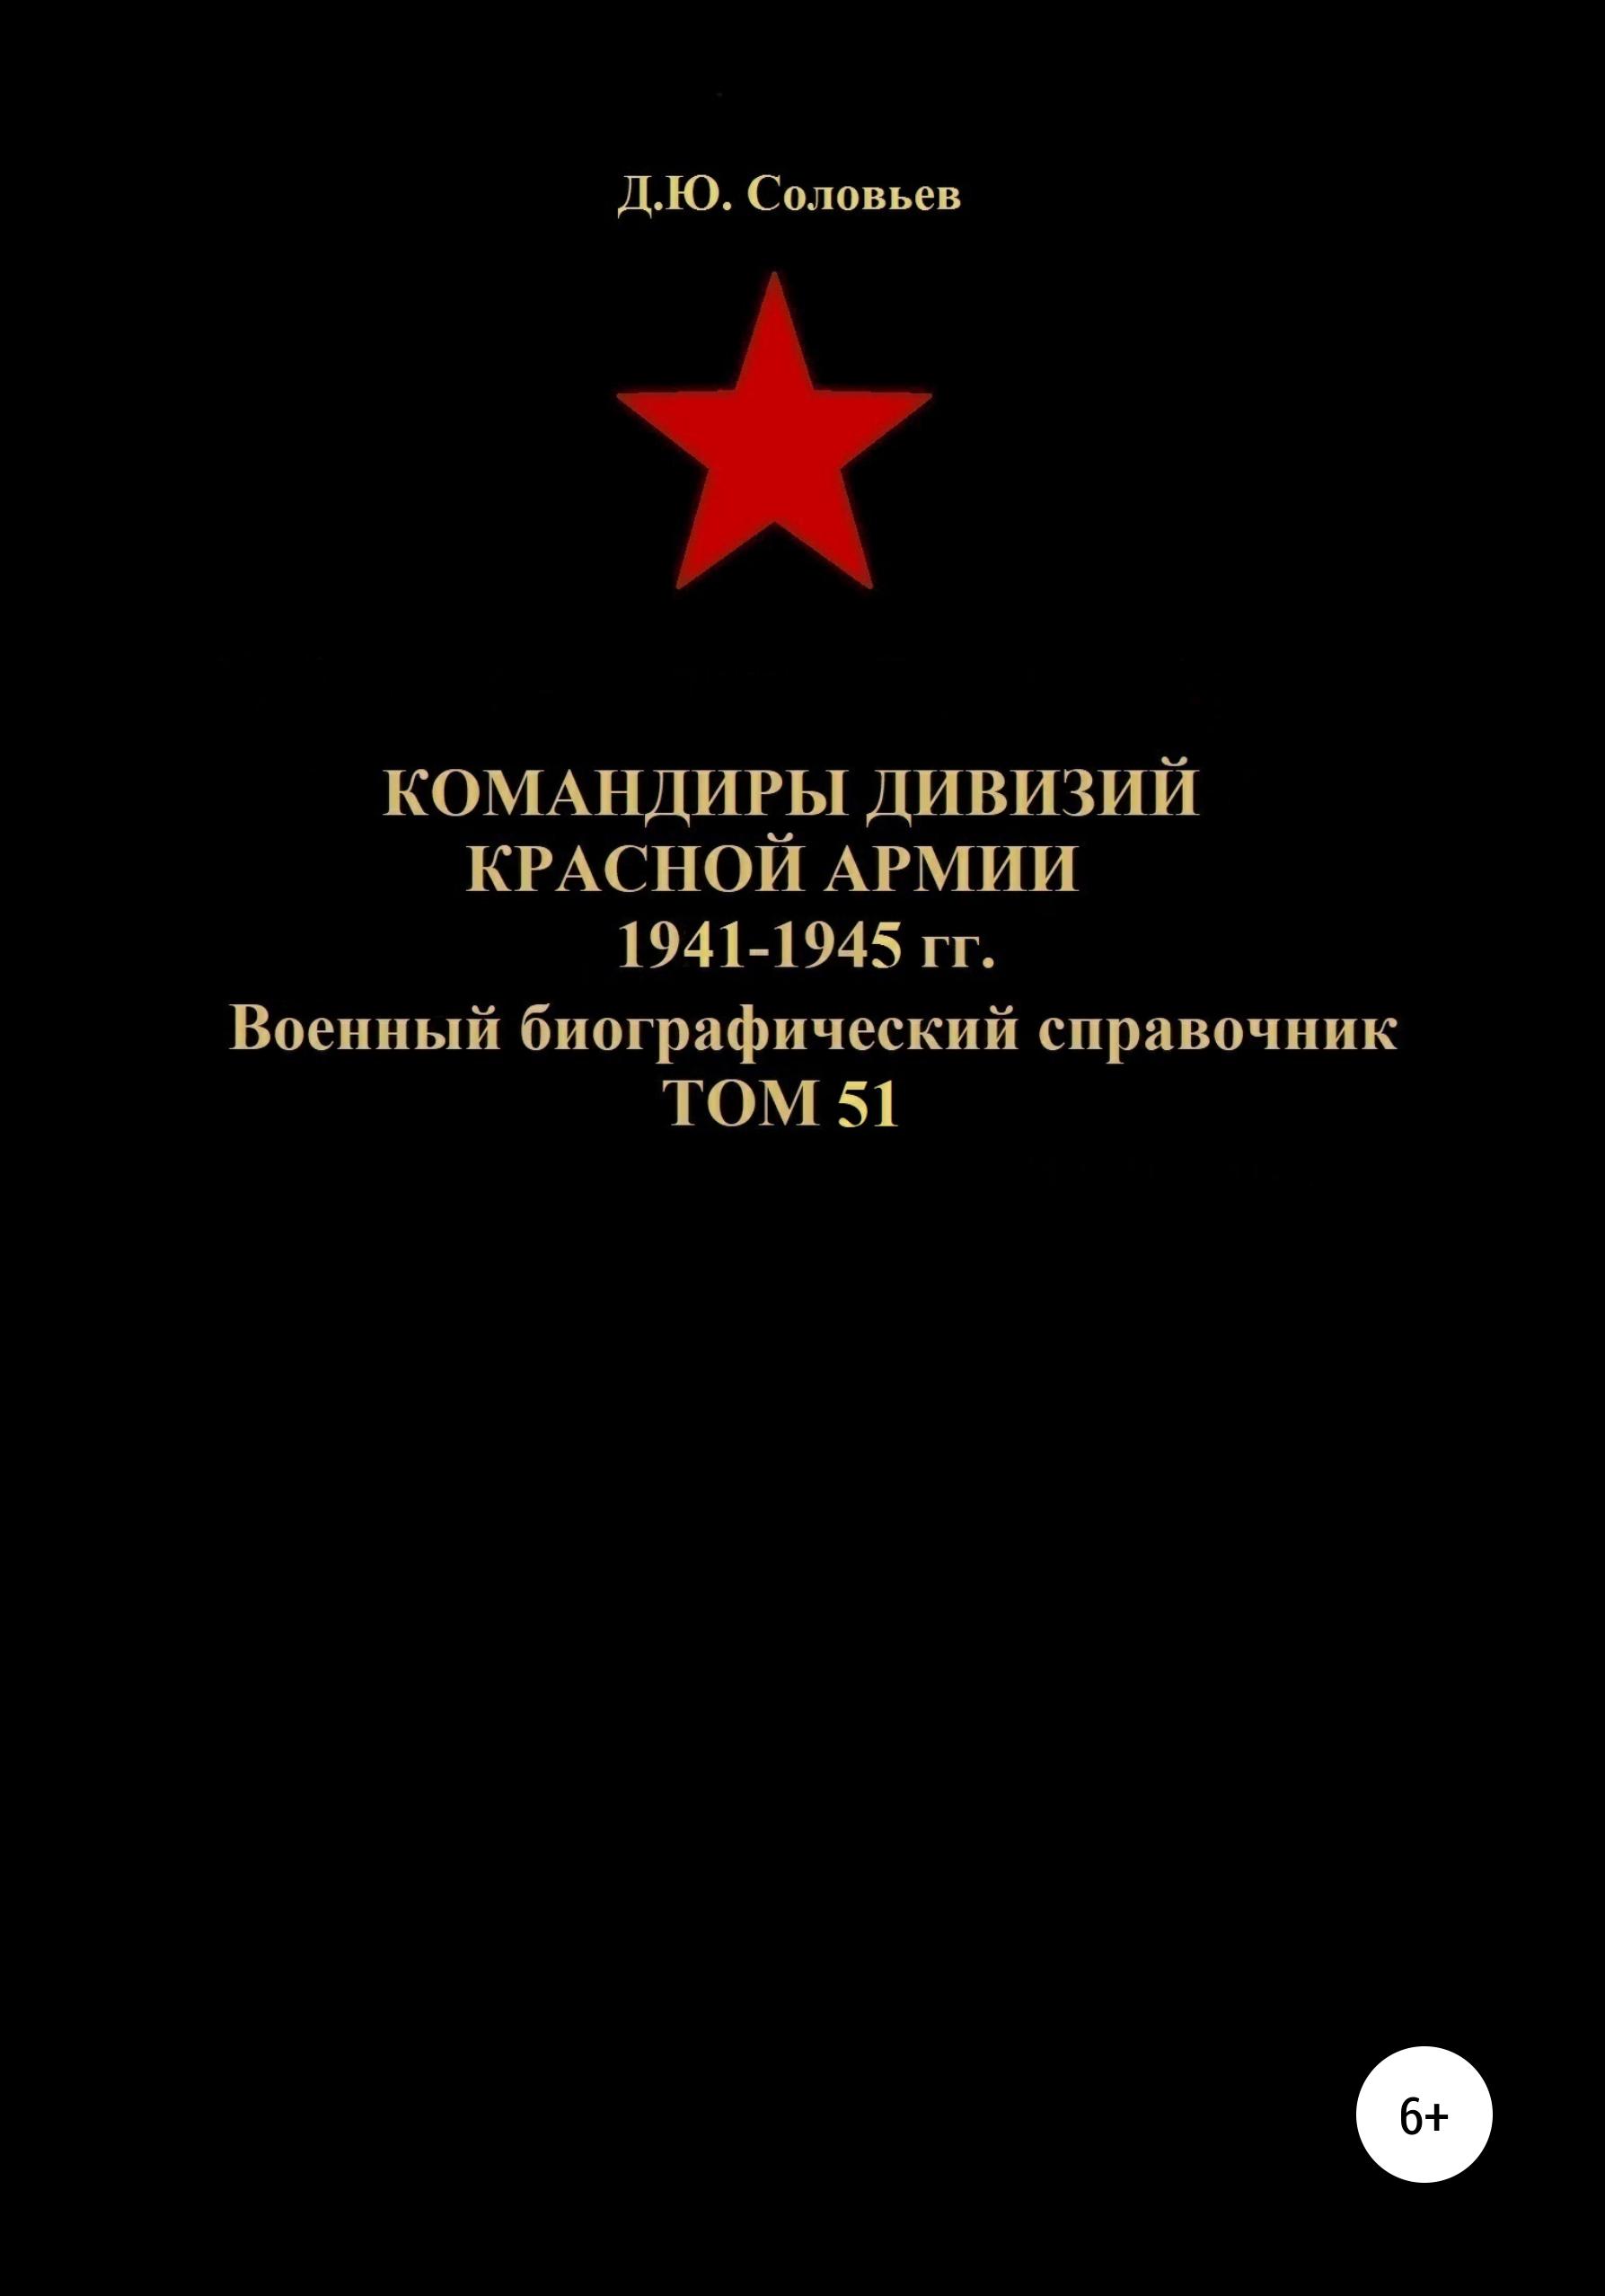 Командиры дивизий Красной Армии 1941-1945 гг. Том 51